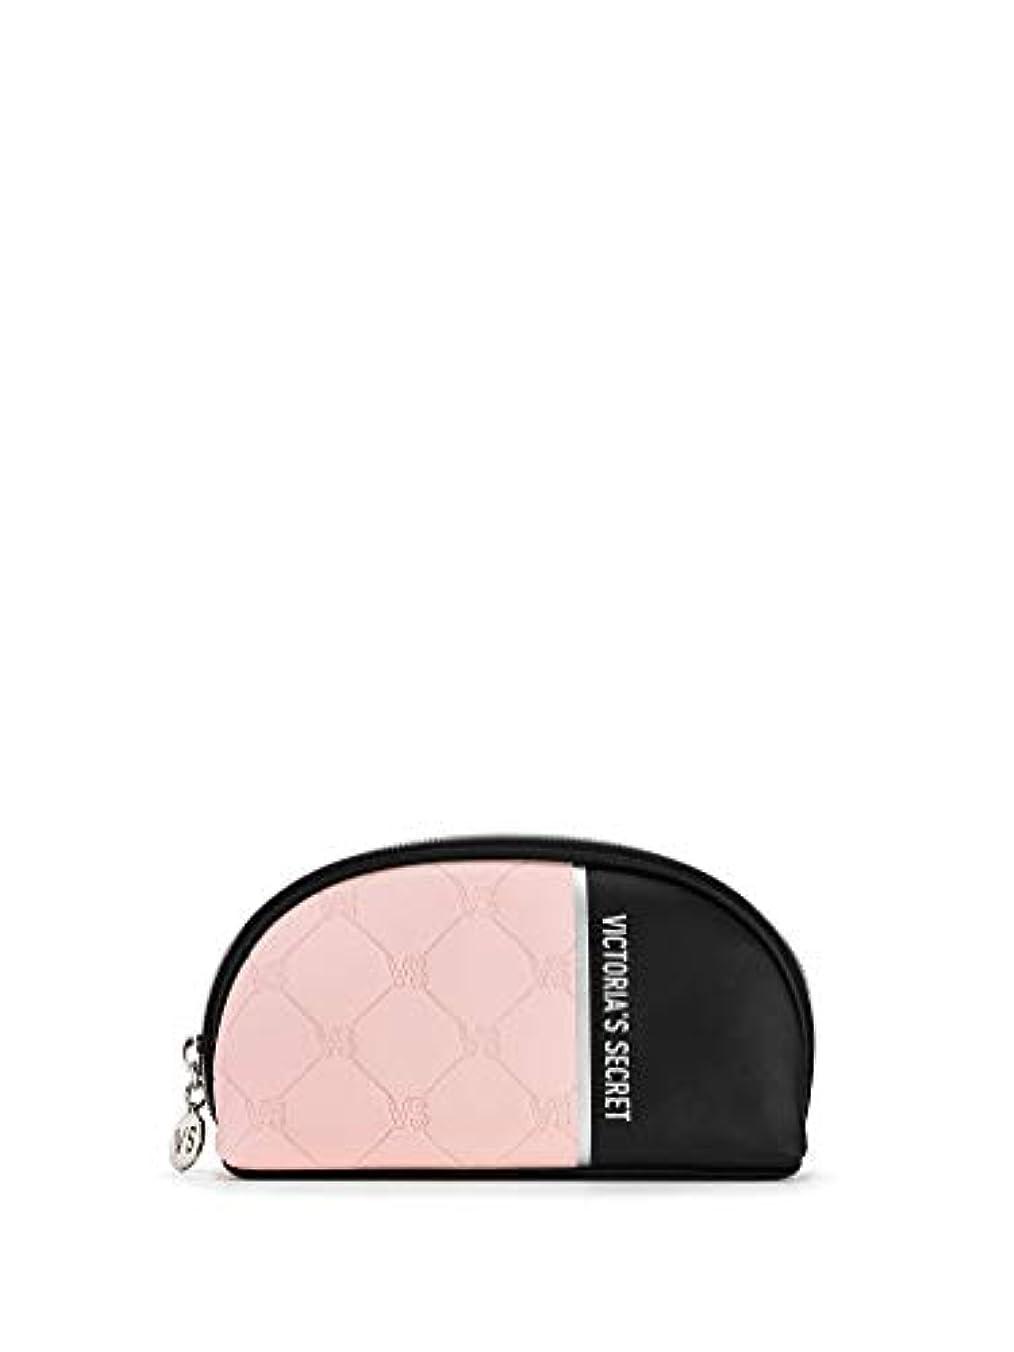 誘惑精神的に王族VICTORIA'S SECRET ヴィクトリアシークレット/ビクトリアシークレット シグネチャーミックスビューティーバッグ/Signature Mix Beauty Bag [並行輸入品]